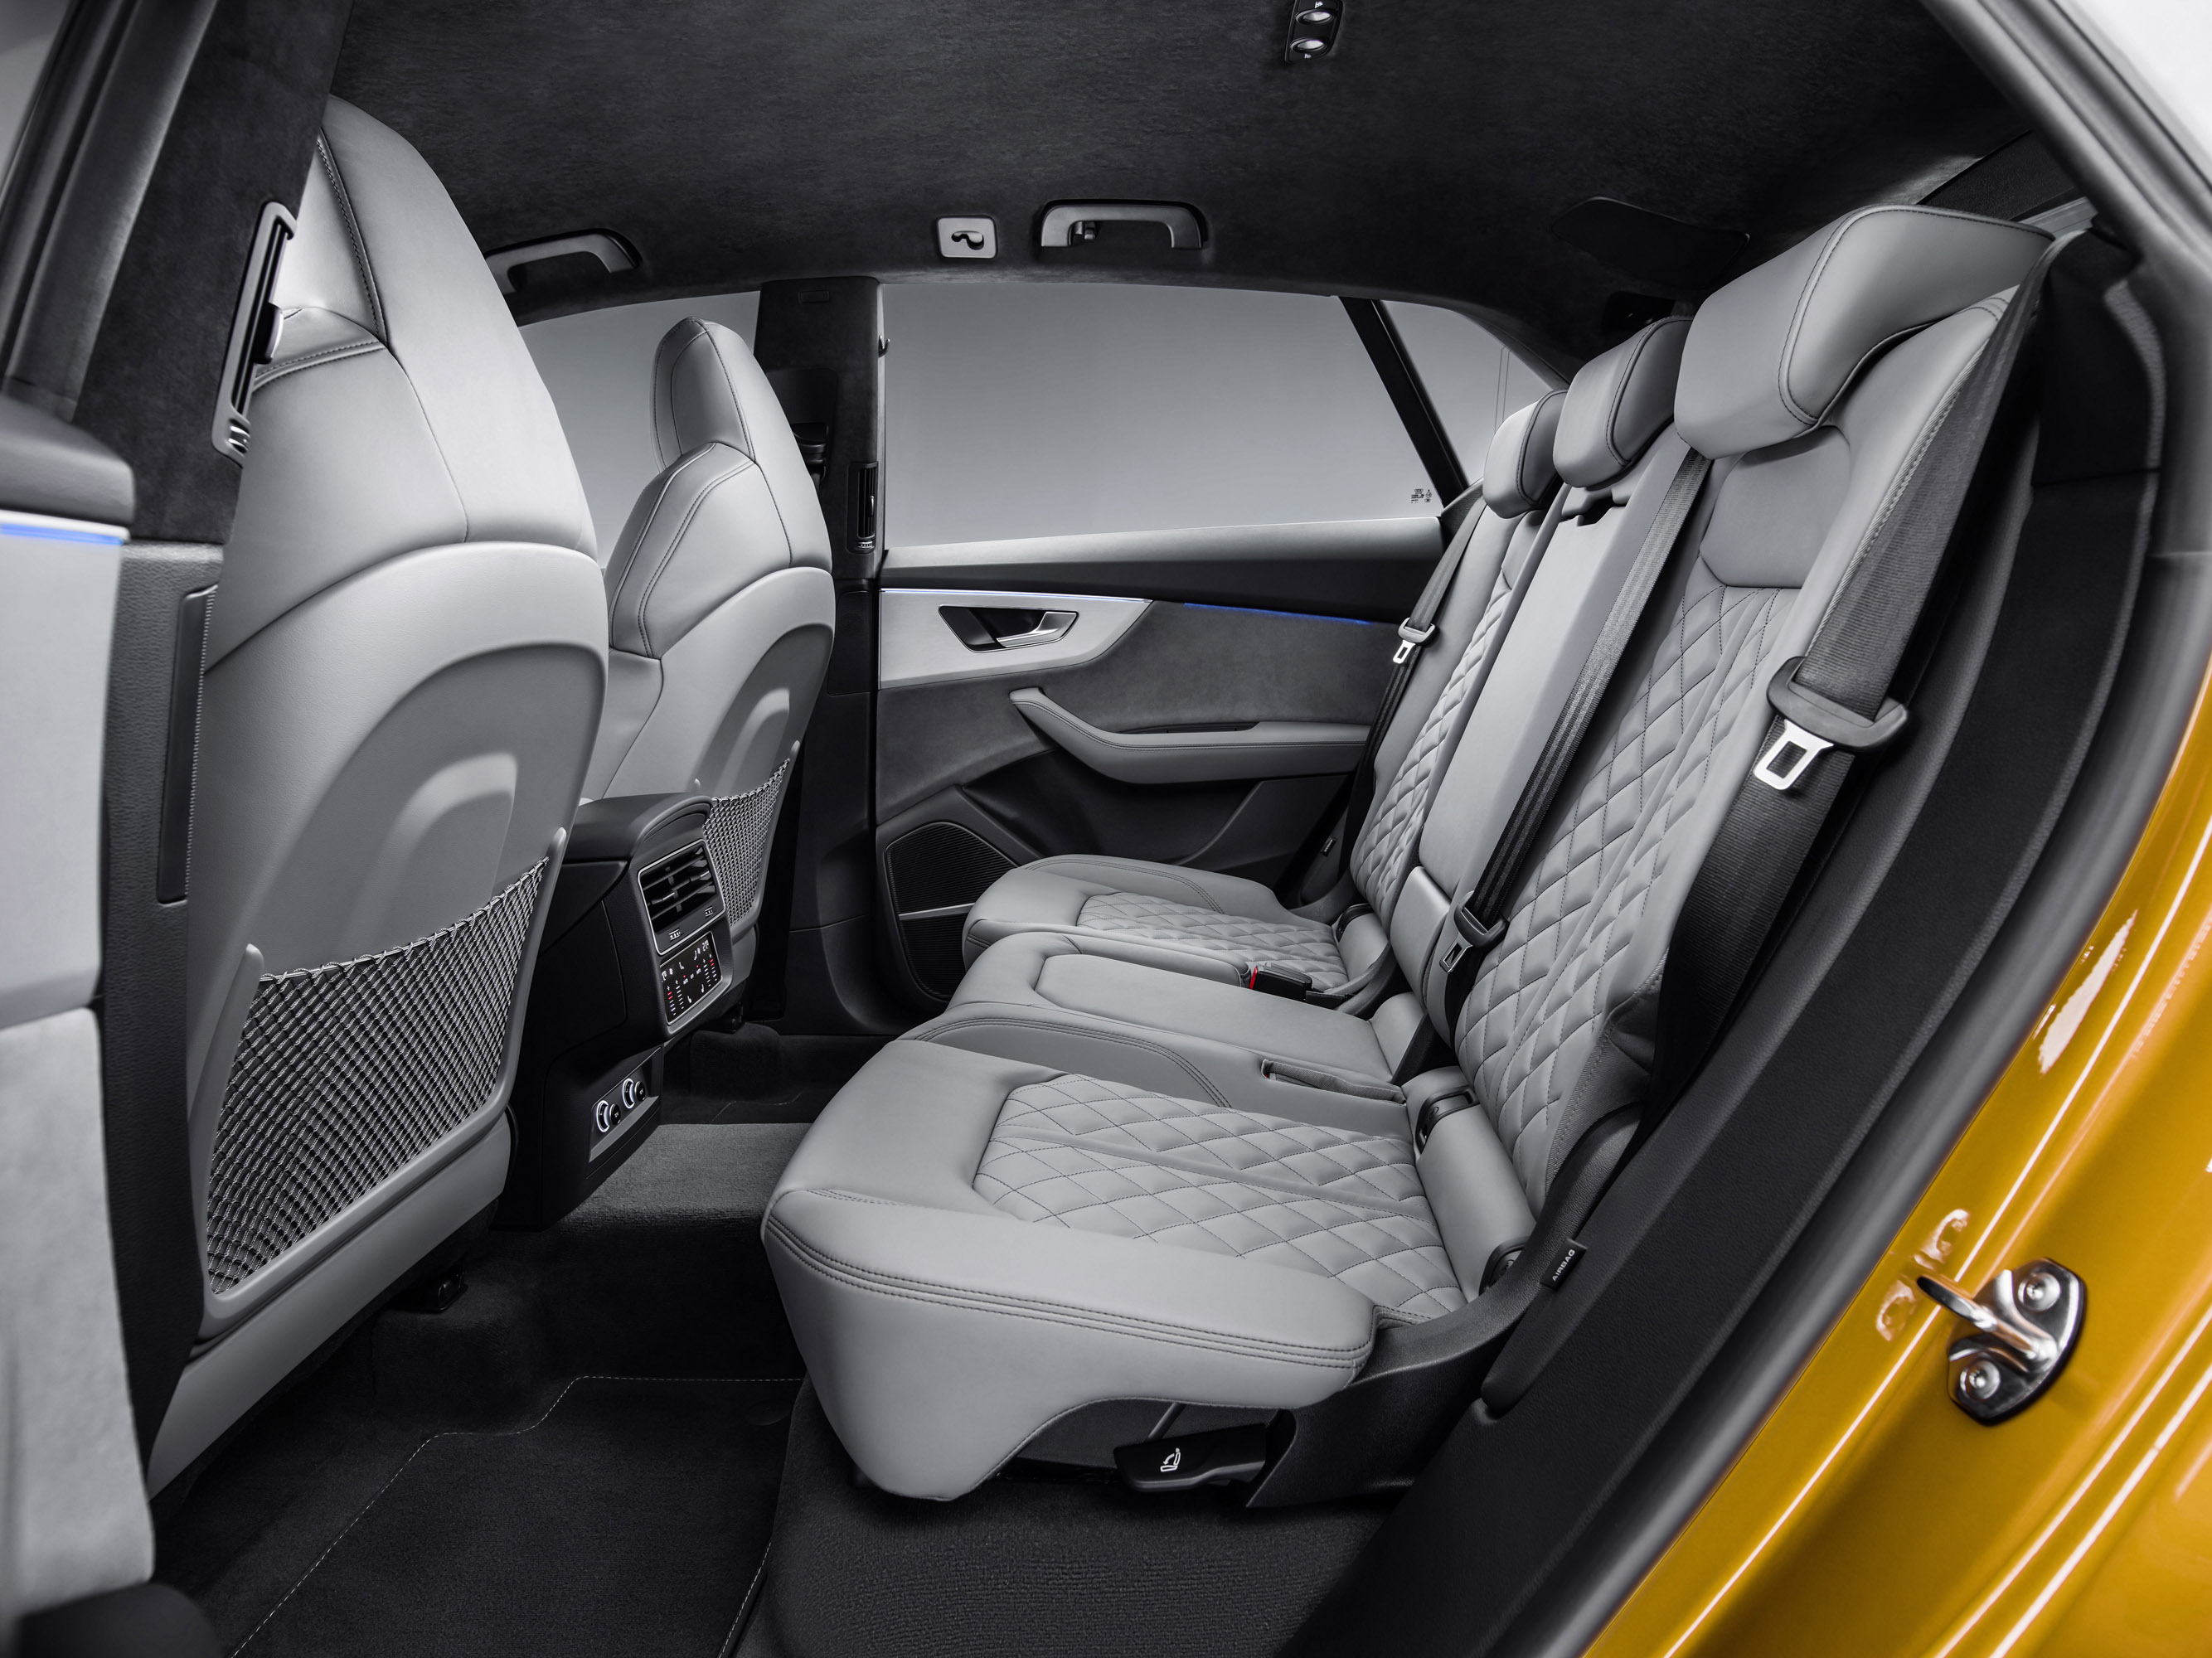 В стандартной комплектации Q8 оснащен системой полного привода Quattro AWD, механическим дифференциалом, который передает мощность на переднюю и заднюю оси в соотношении 40:60, и адаптивной амортизационной подвеской. Имеется также адаптивная пневмати